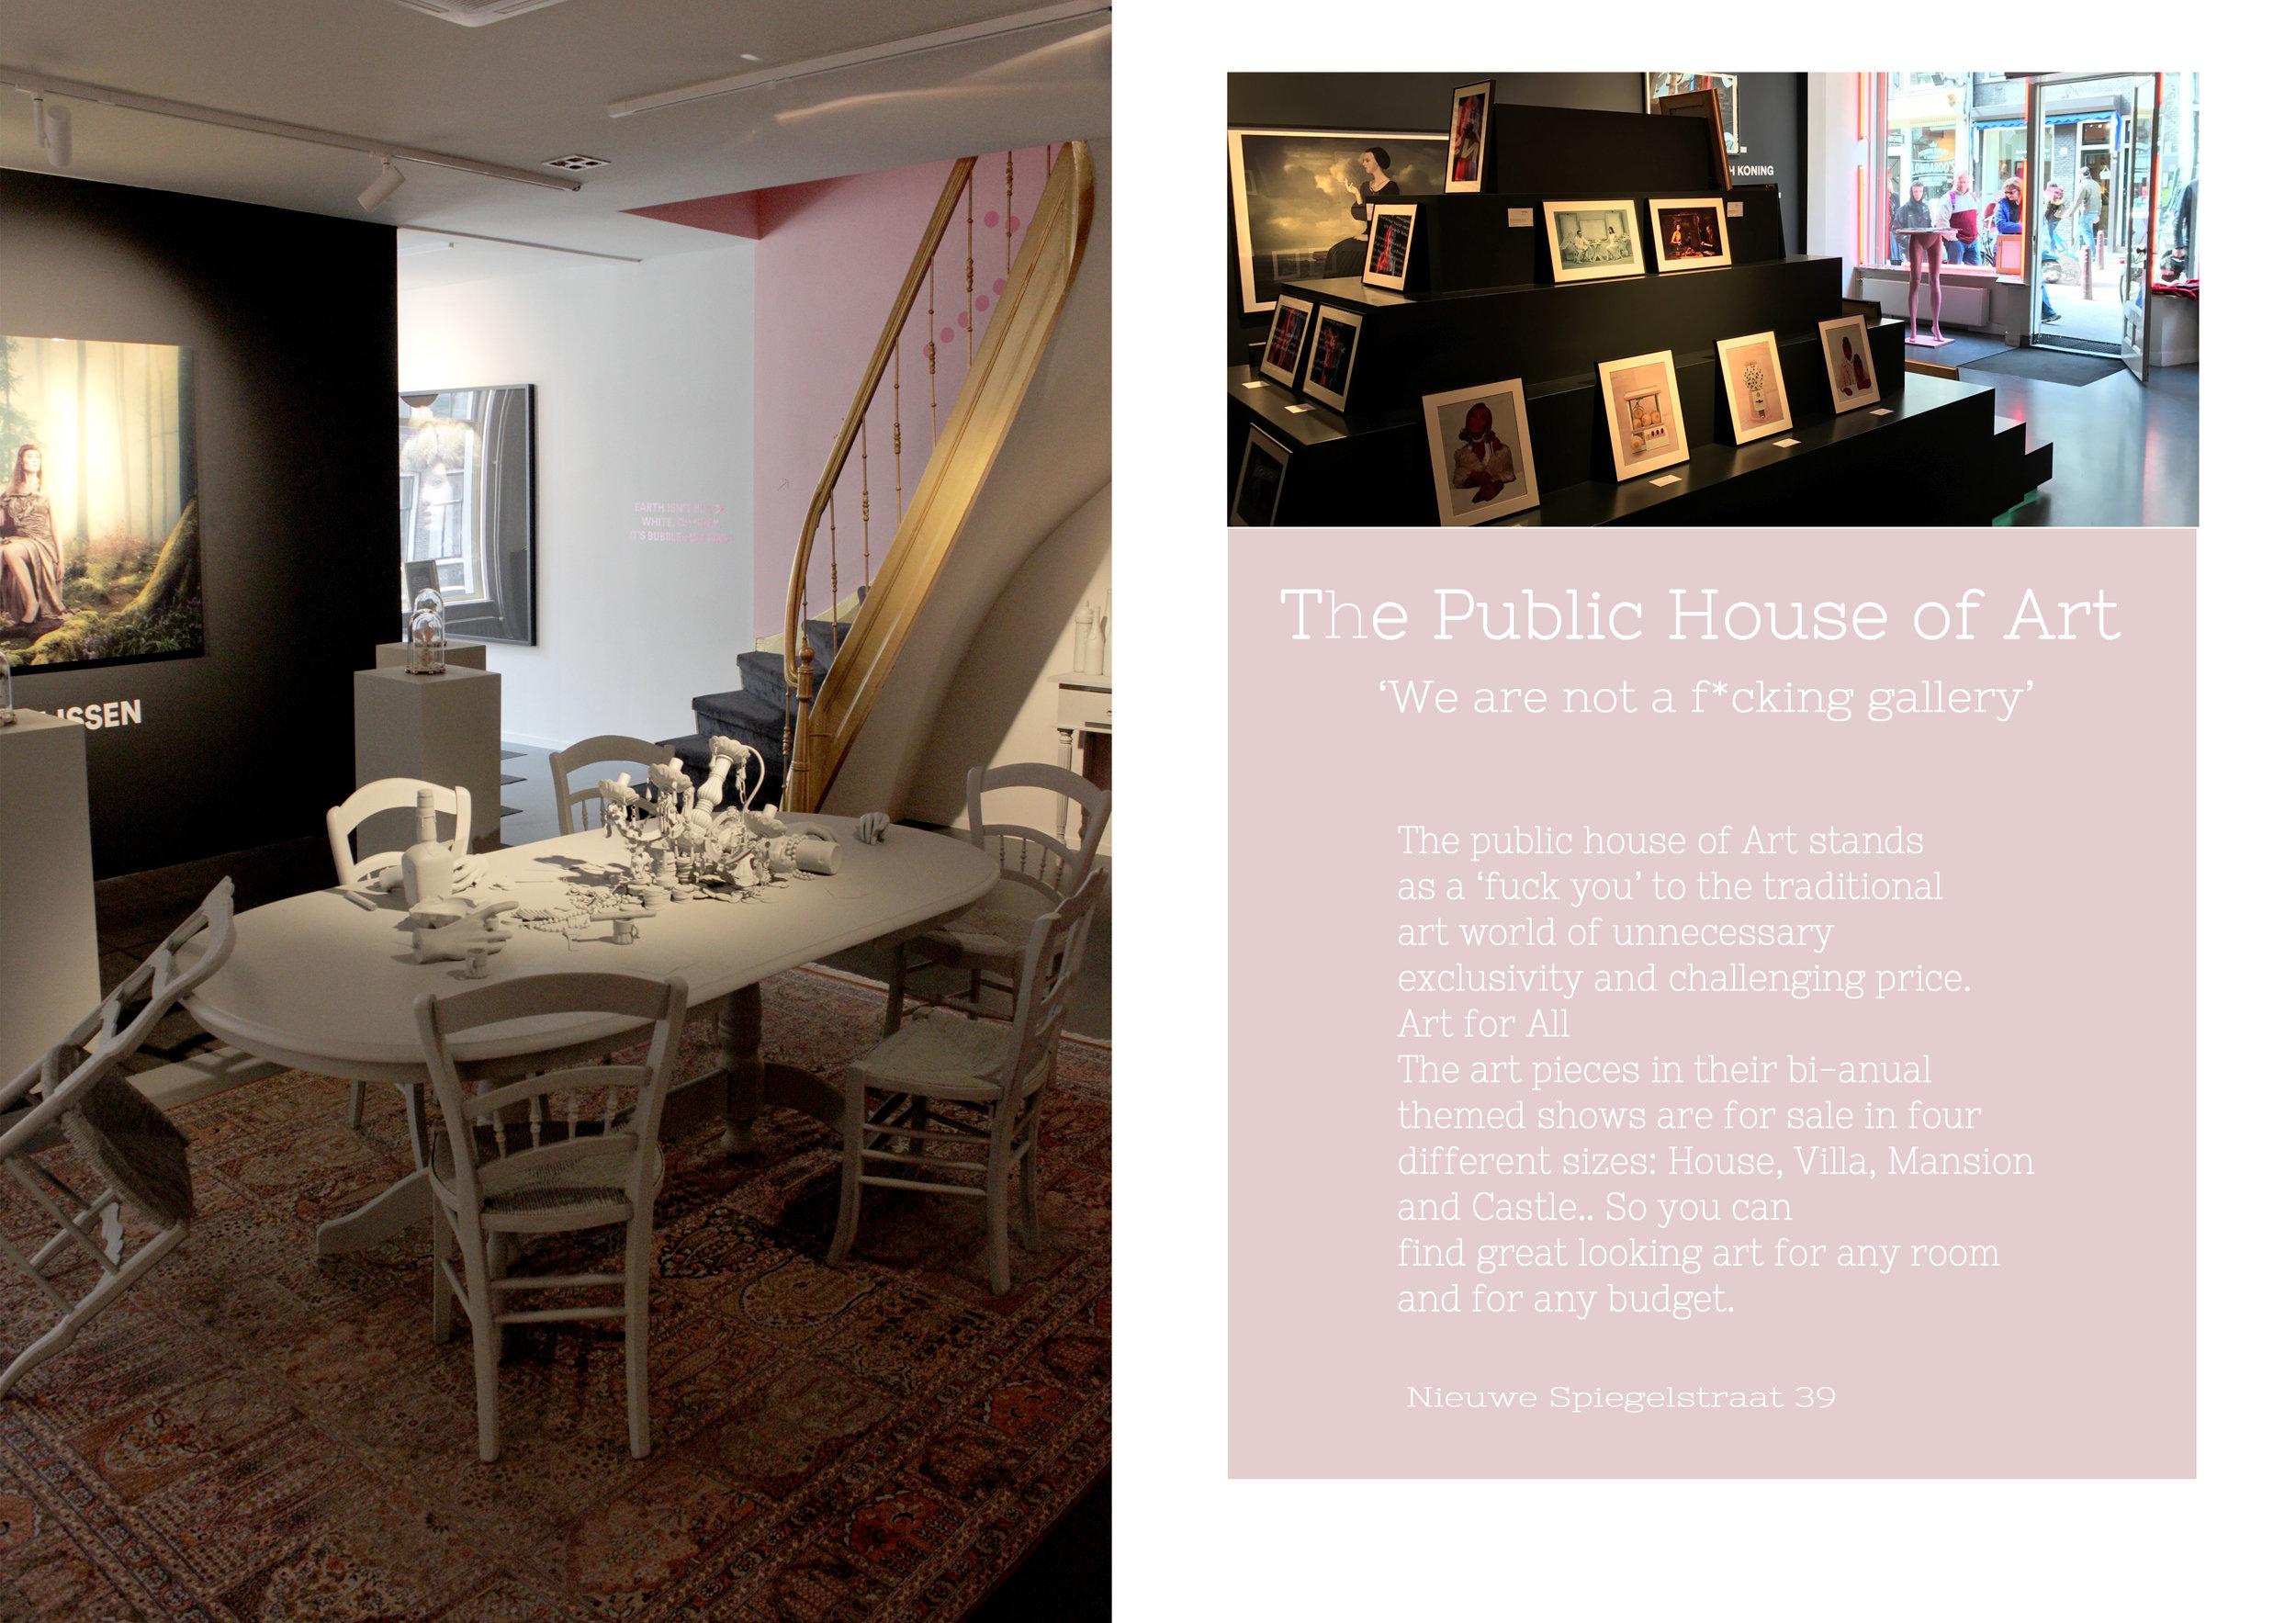 Public house of art Amsterdam city guide Hester's Handmade Home